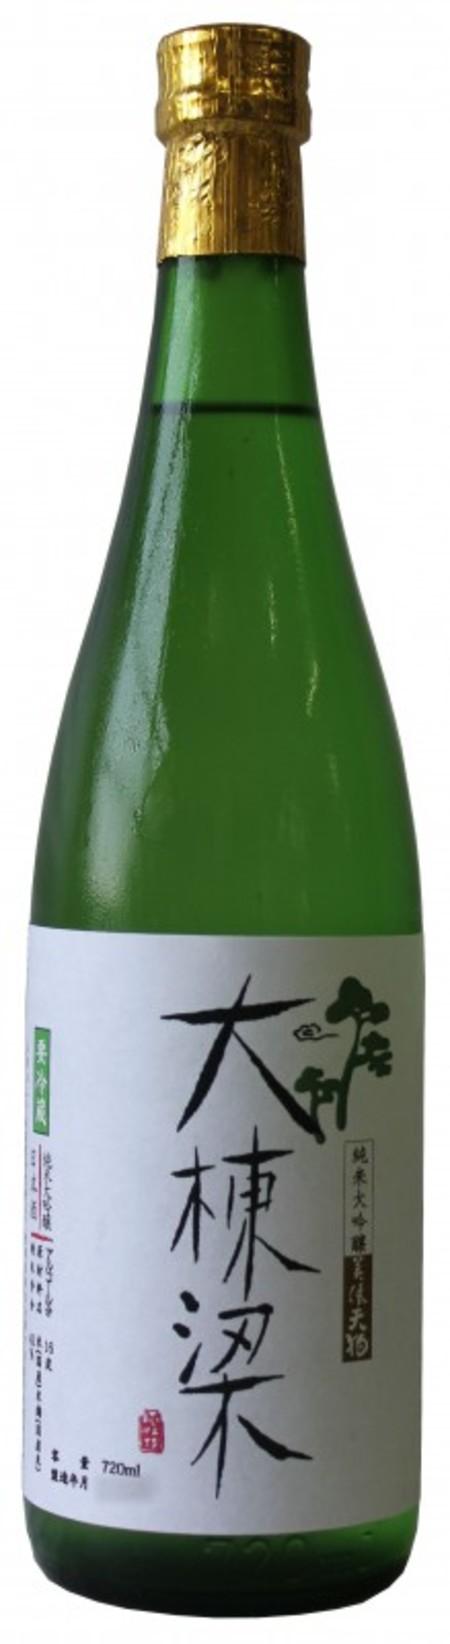 プレミアム40 純米大吟醸と大吟醸の720ml2本セット